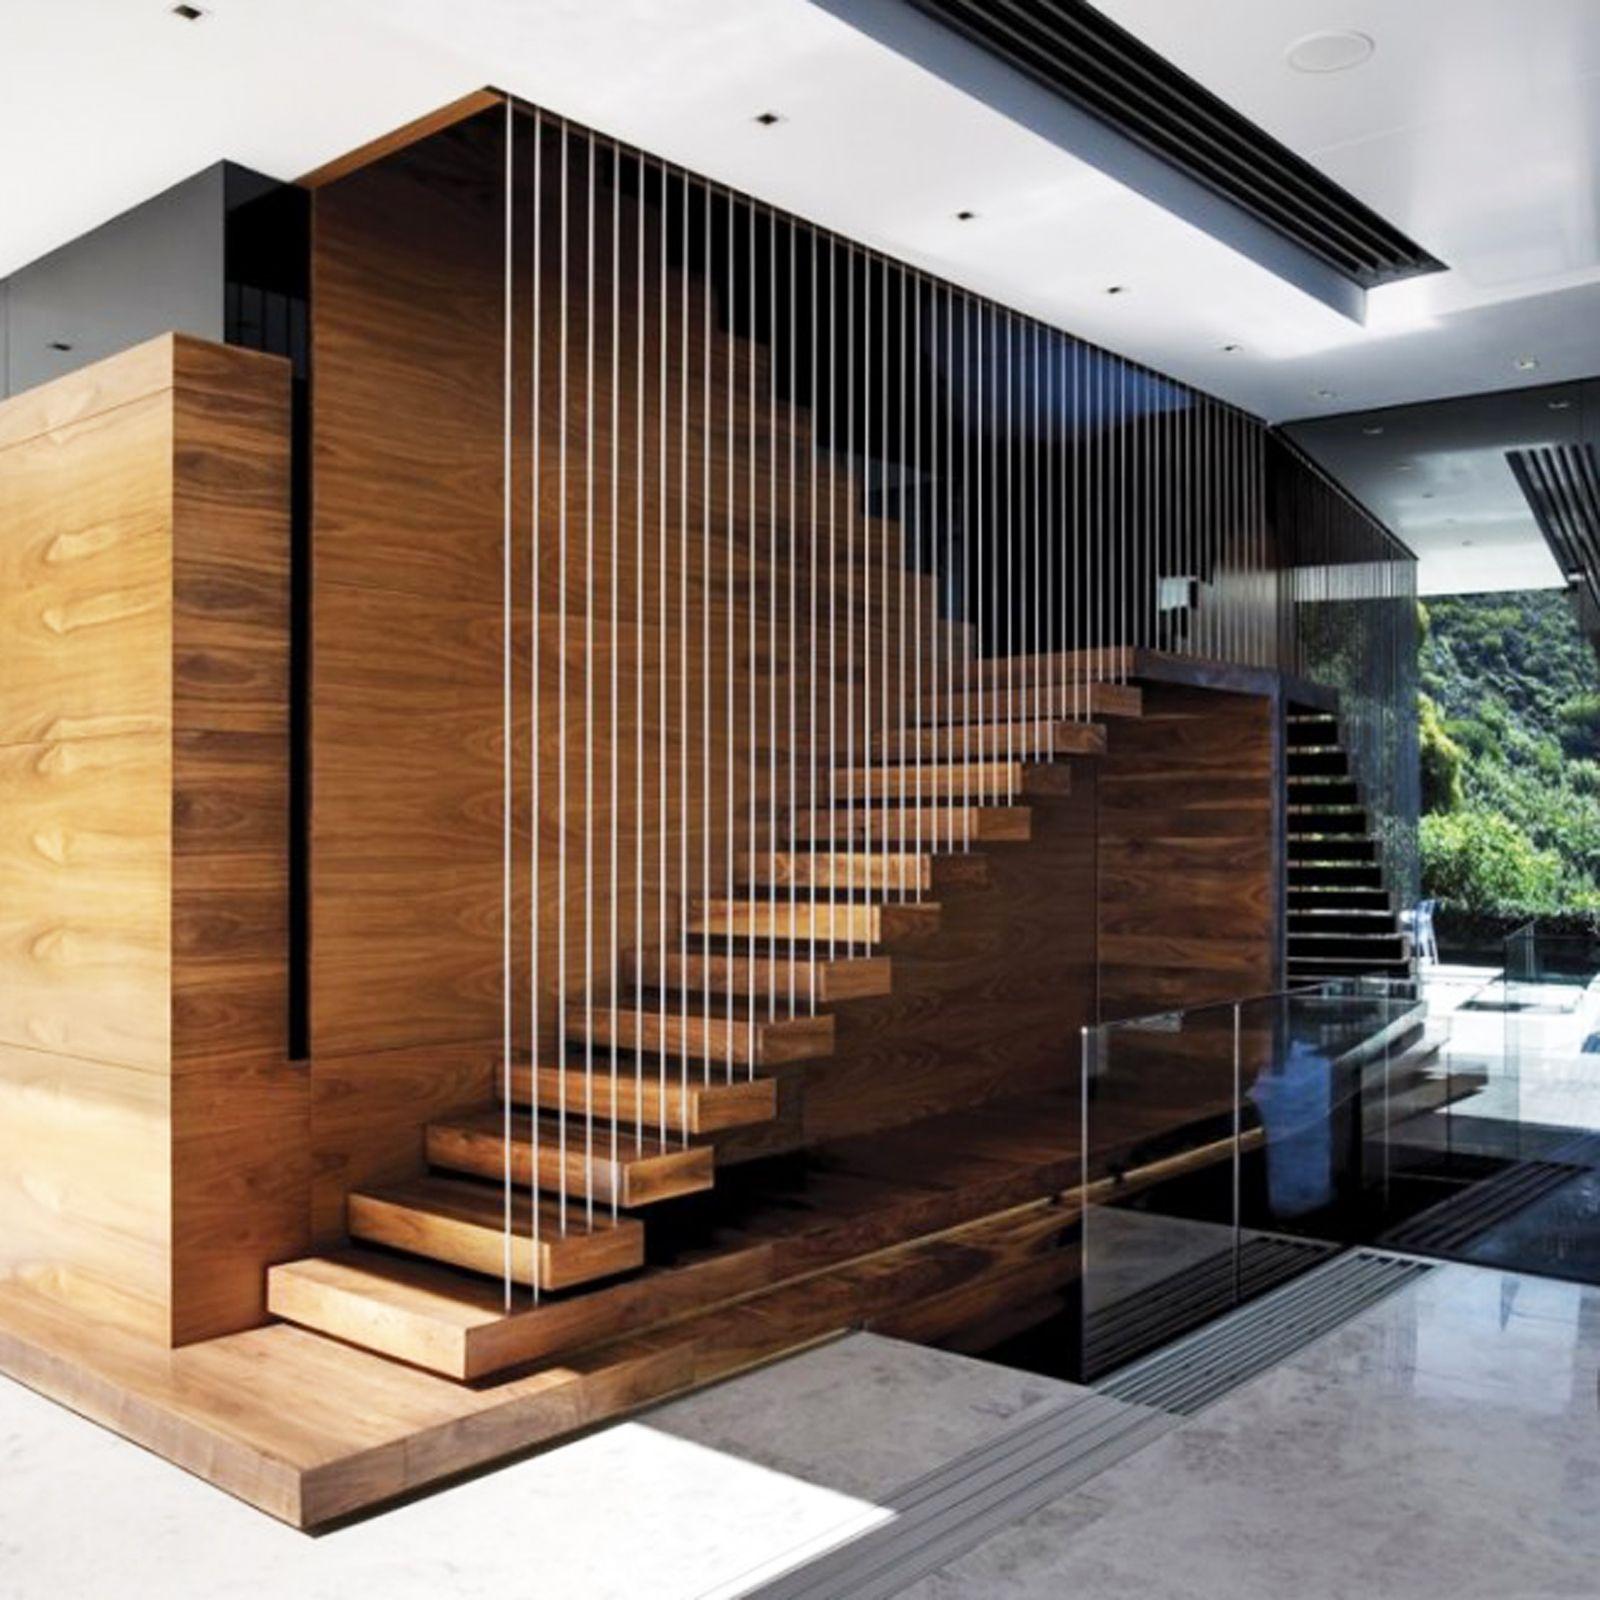 decoration ideas cool spiral stairs minimalist stair design stair rh pl pinterest com